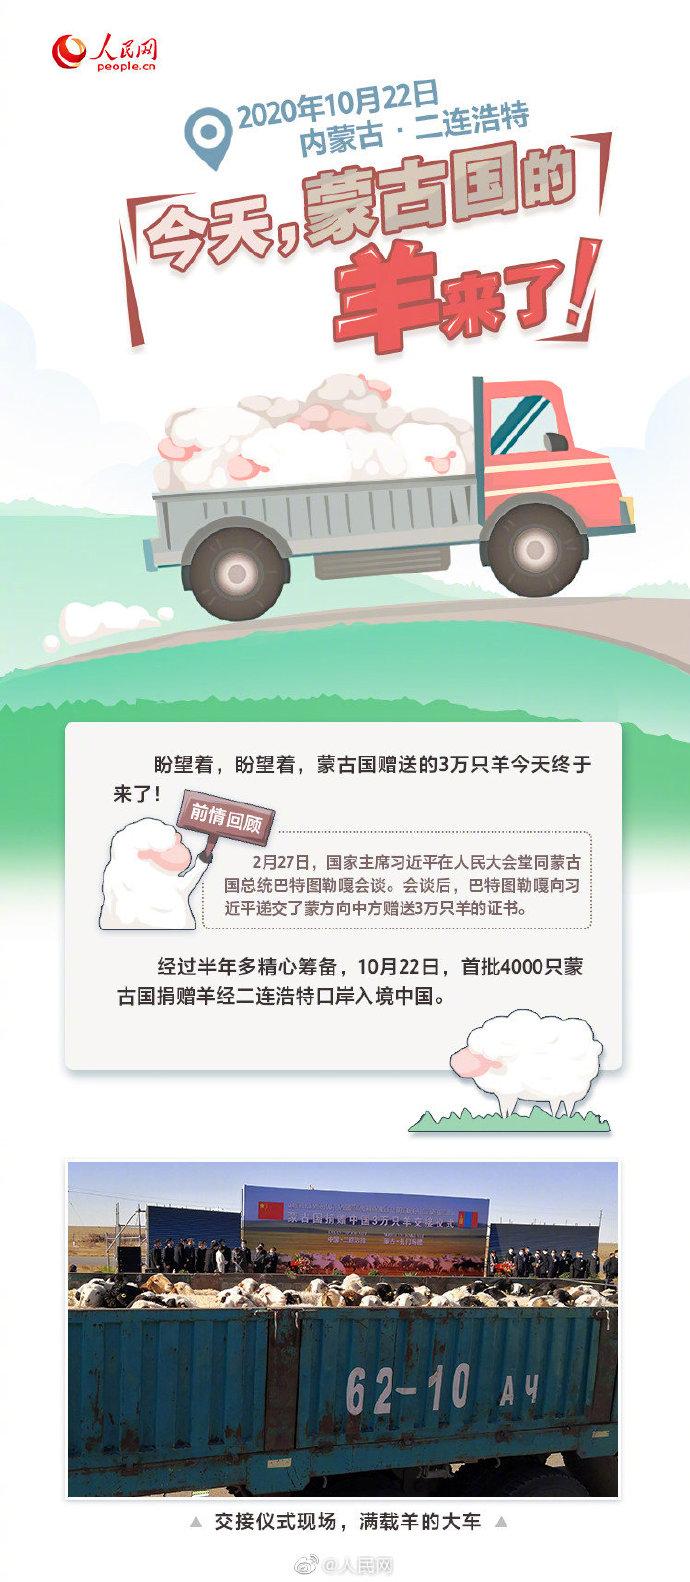 蒙古国捐赠的3万头羊来了!你想知道的都在这